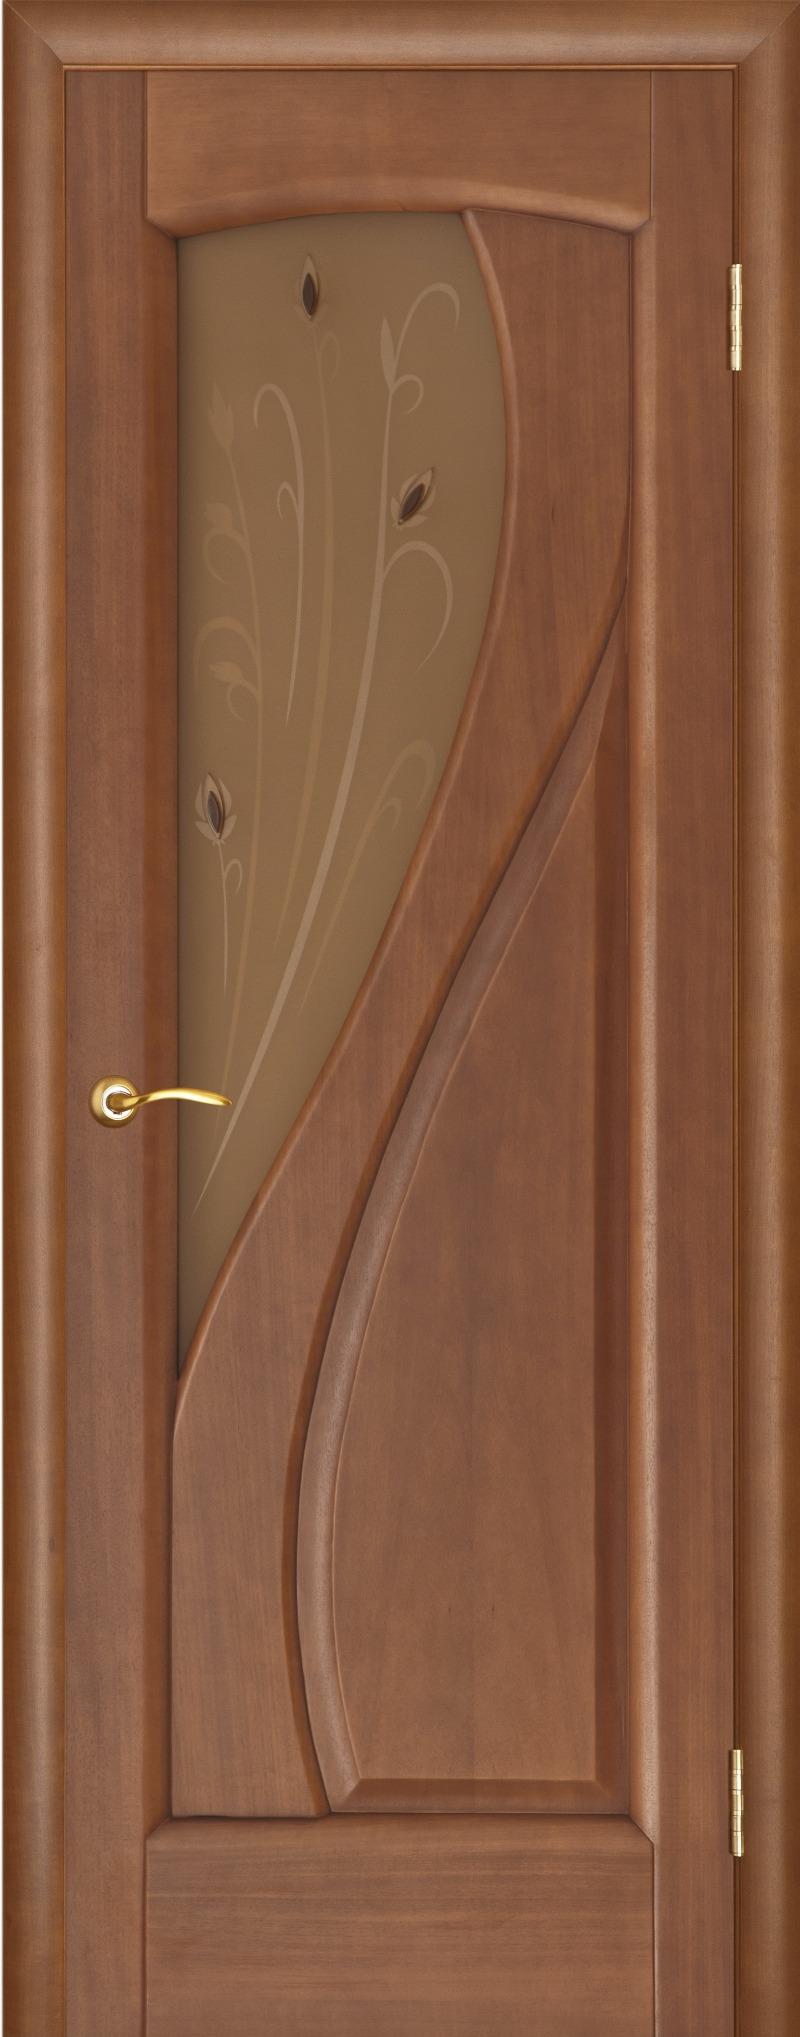 Двери межкомнатные ульяновские фото